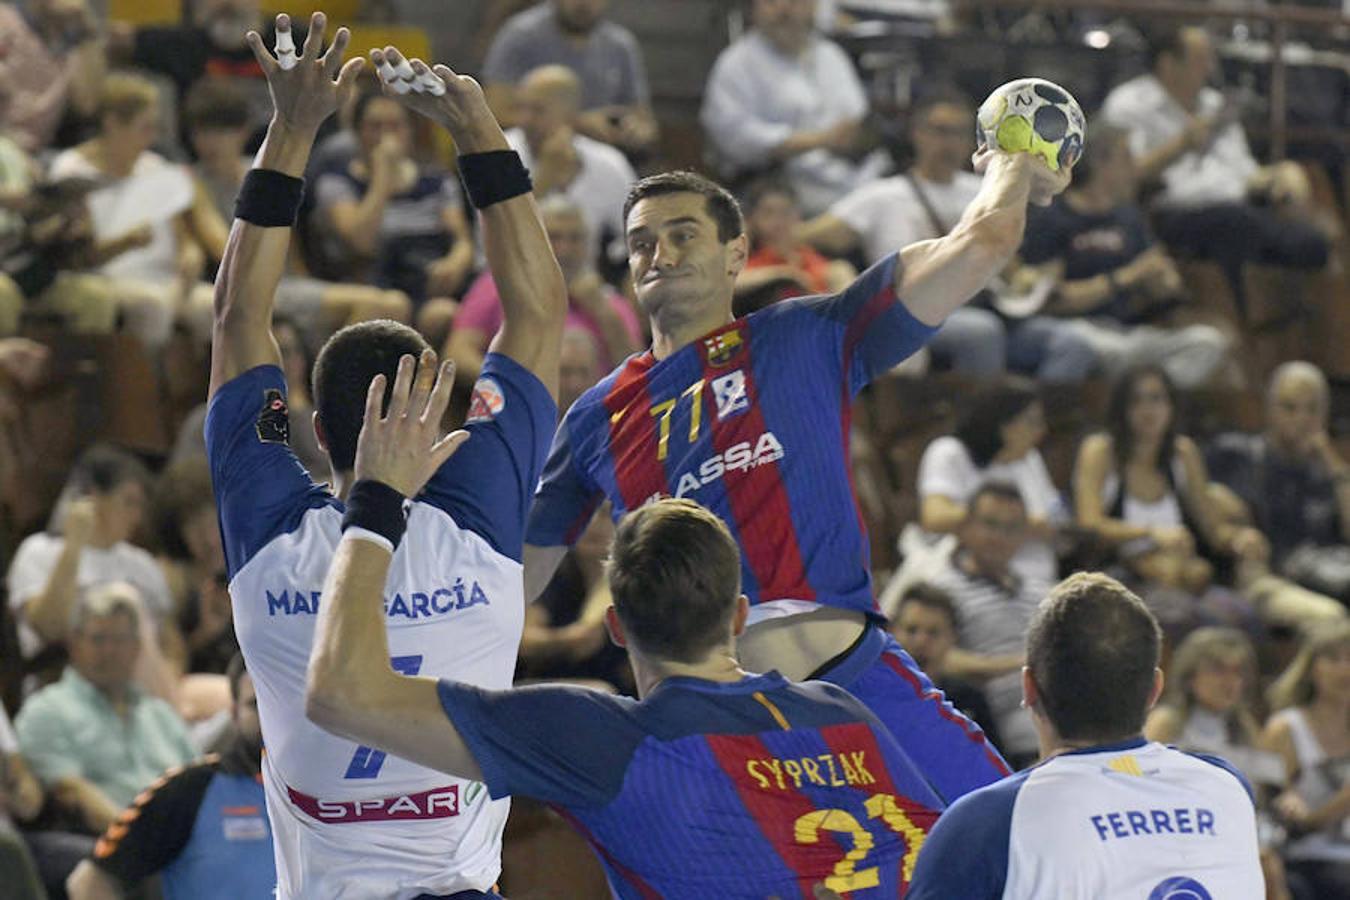 Las mejores imágenes del Granollers - FCBarcelona